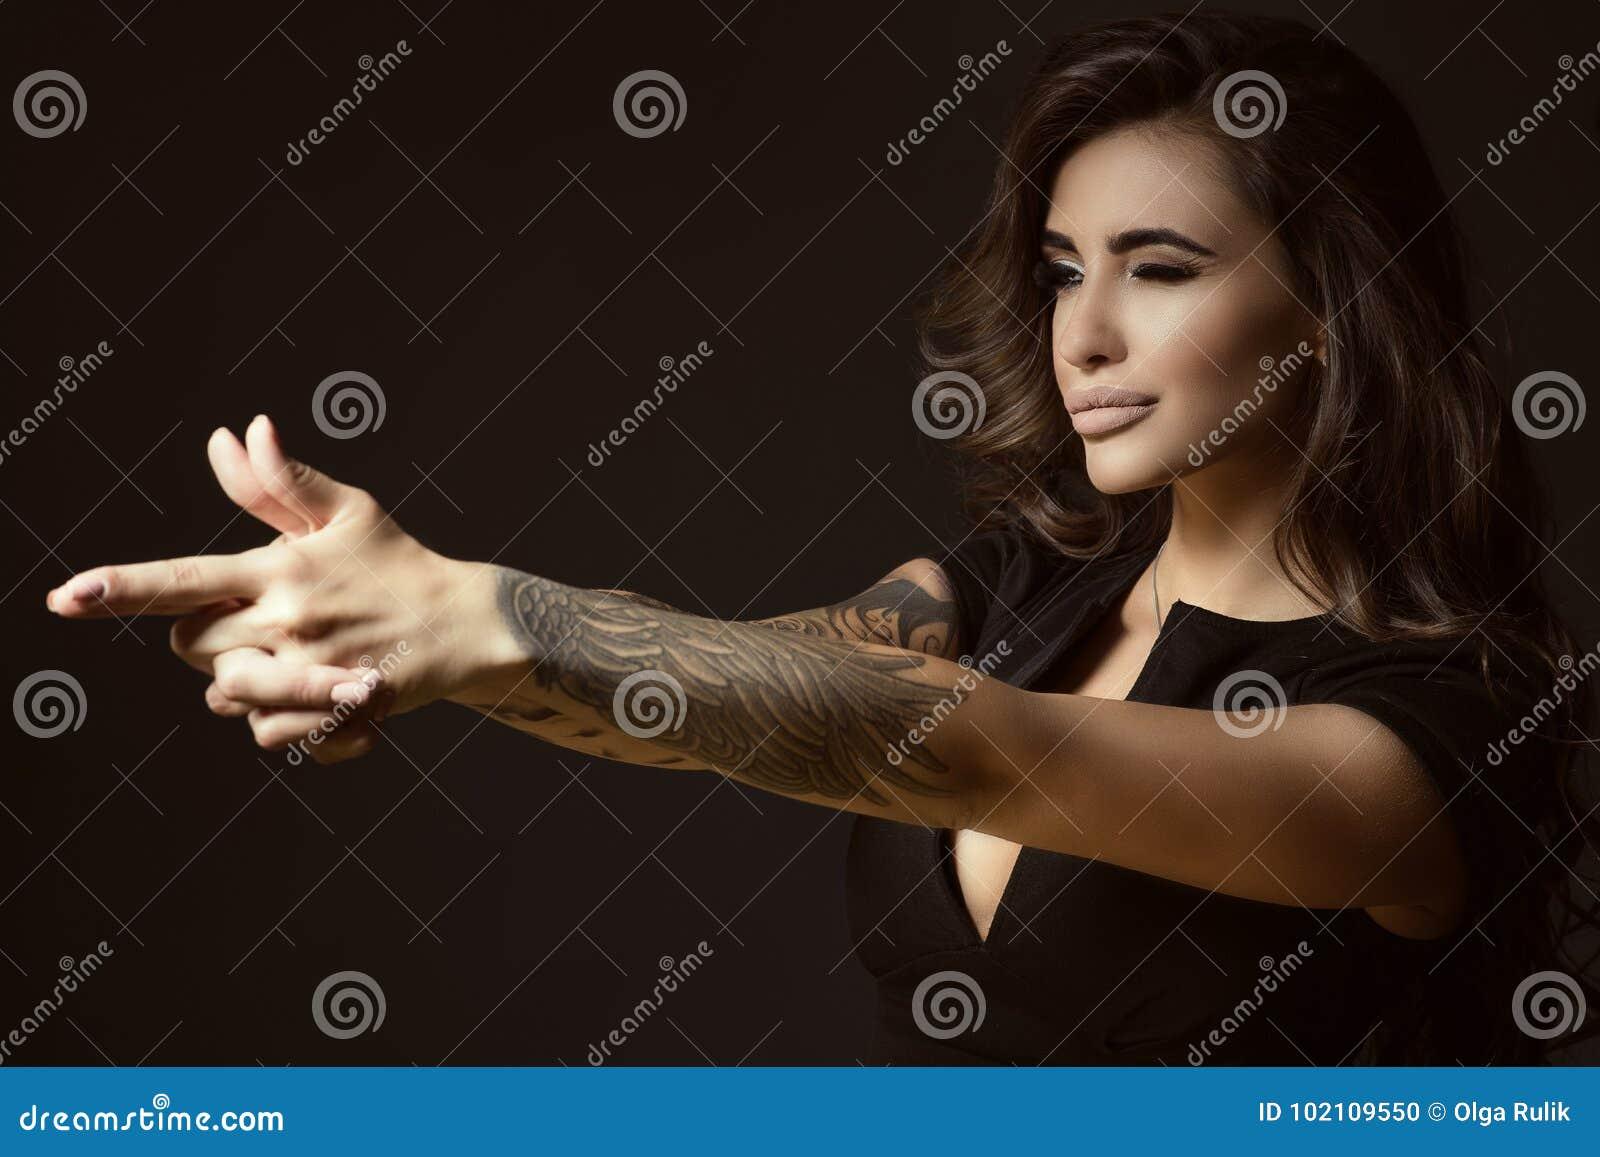 Η όμορφη διαστισμένη γυναίκα με την άφθονη λάμποντας κυματιστή τρίχα και τέλειος αποτελεί την προσποίηση να στοχεύσει κάτι με τη